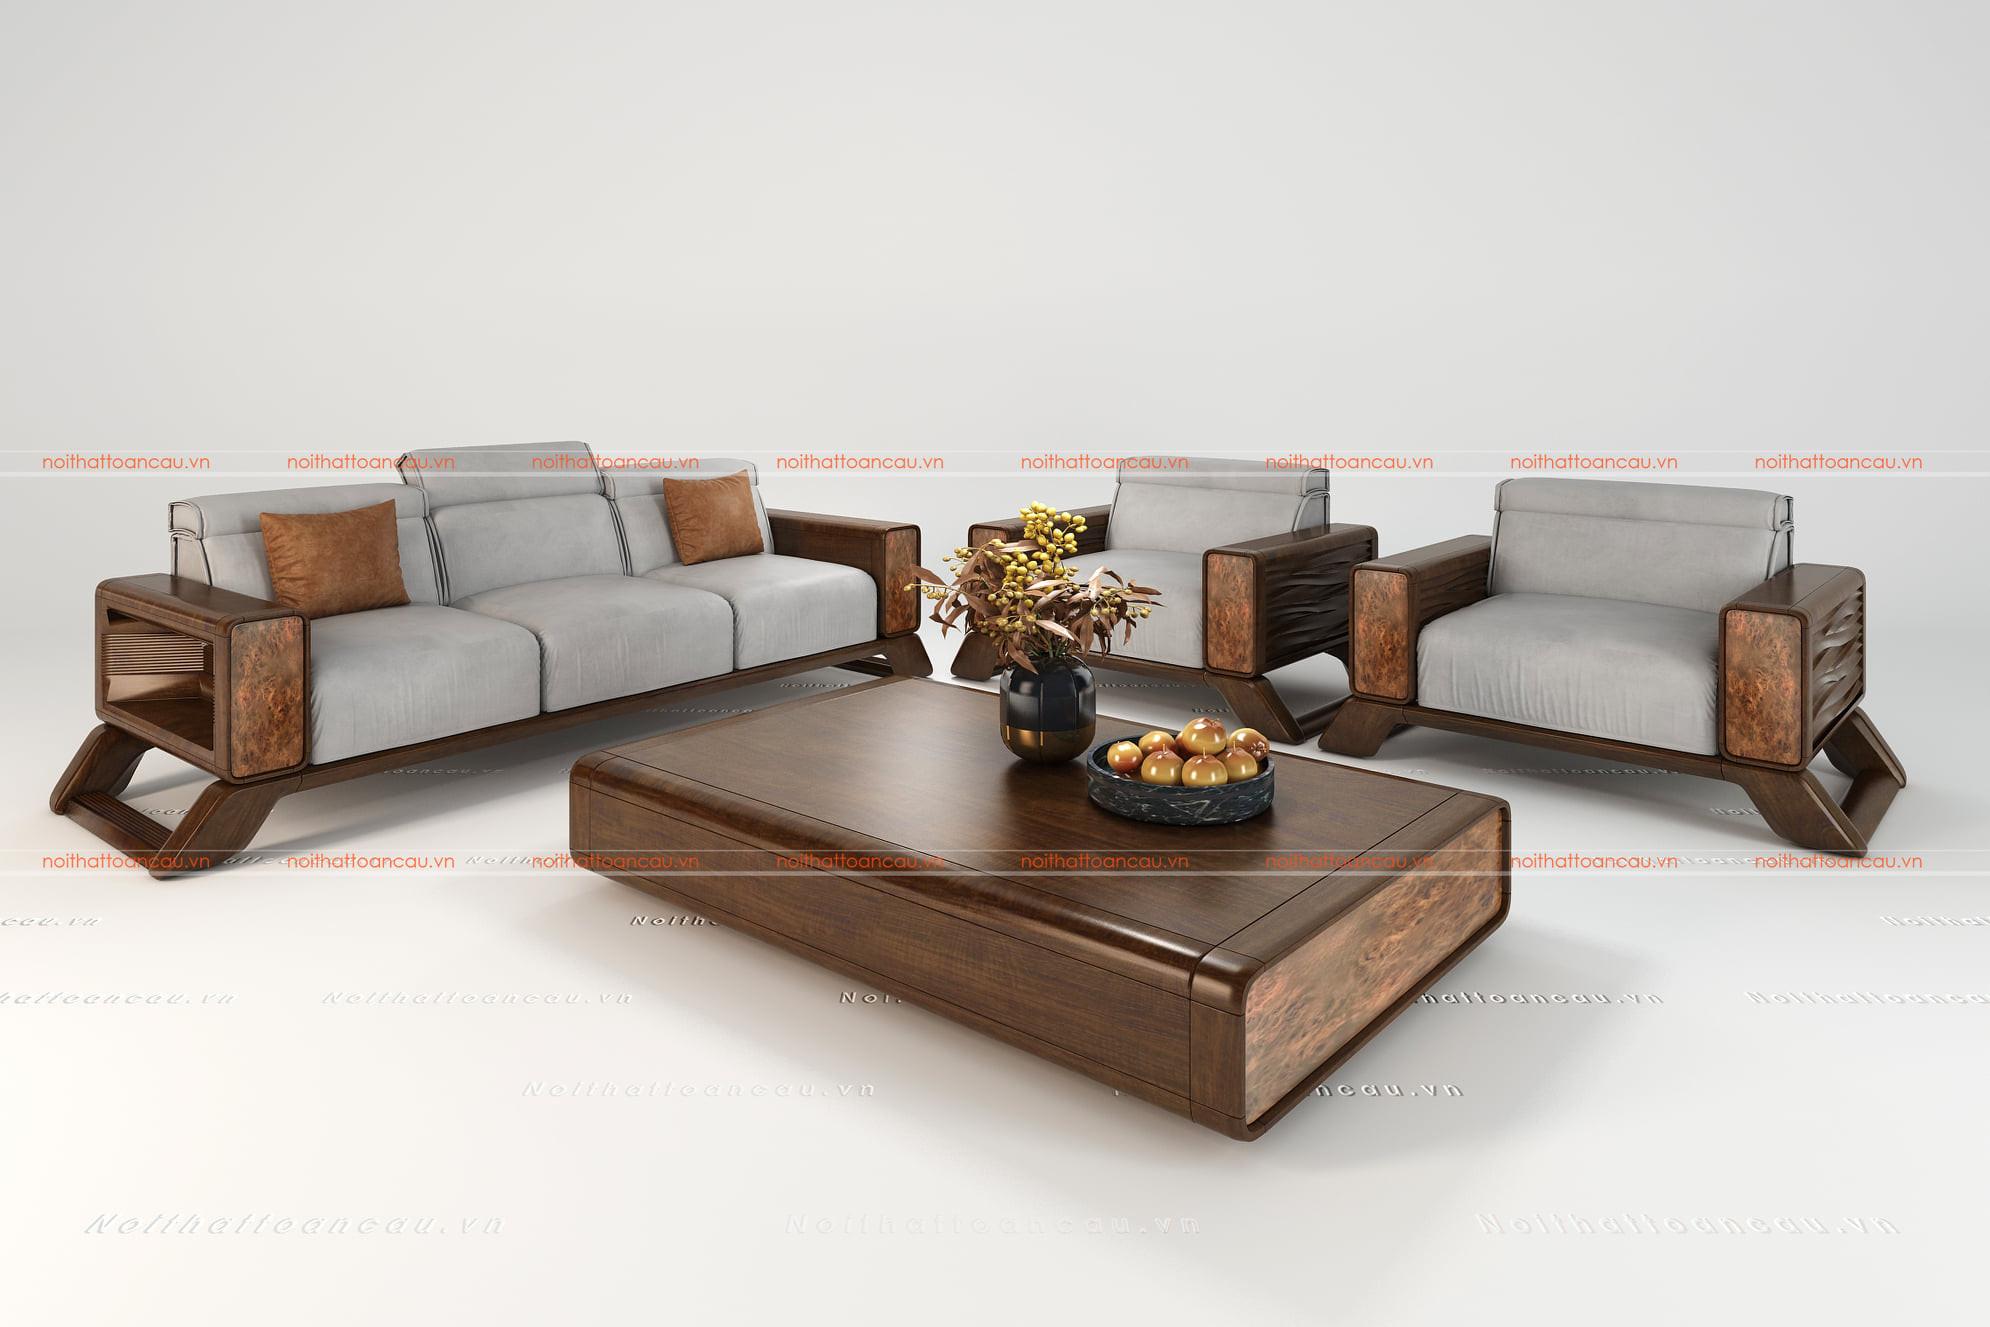 Bàn ghế gỗ gụ hiện đại 7